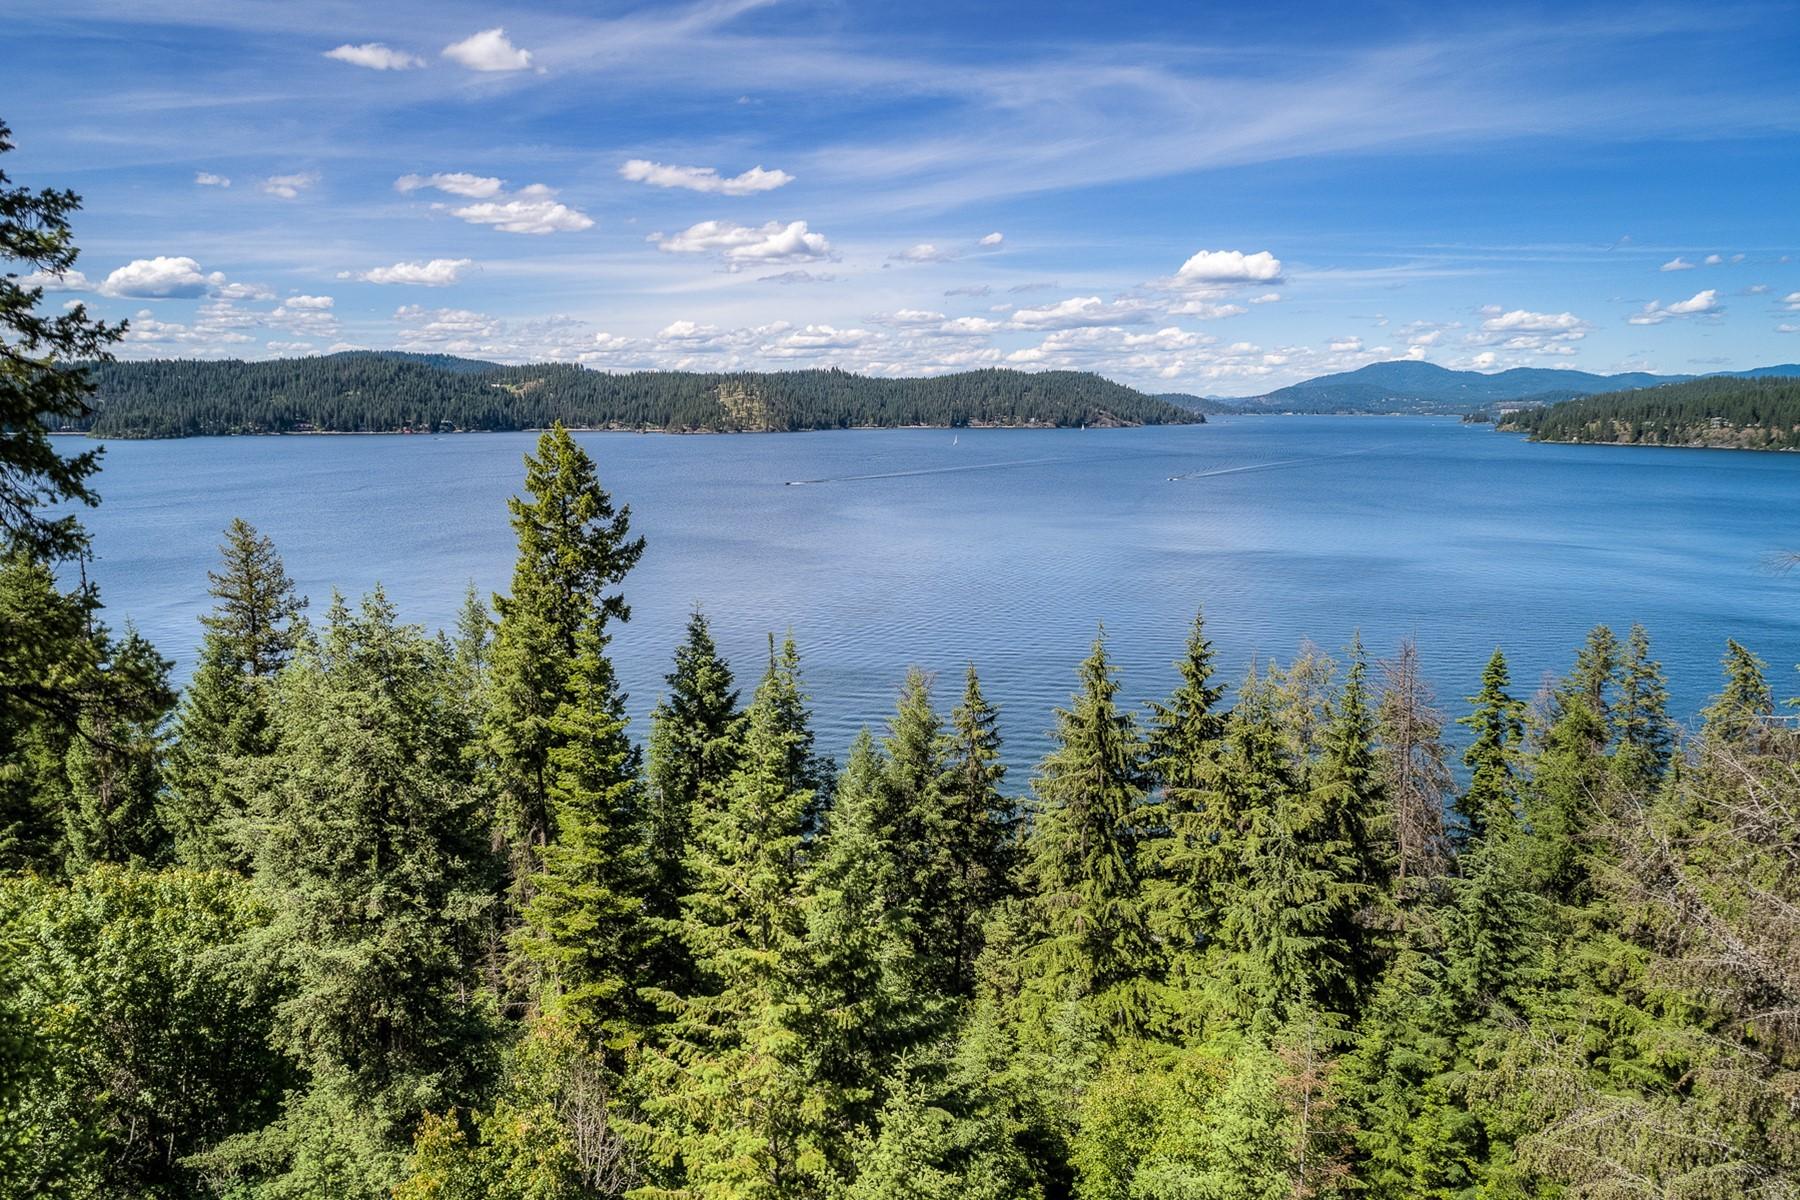 Terreno por un Venta en Enjoy the View! 25178 S Highway 97 Harrison, Idaho 83833 Estados Unidos